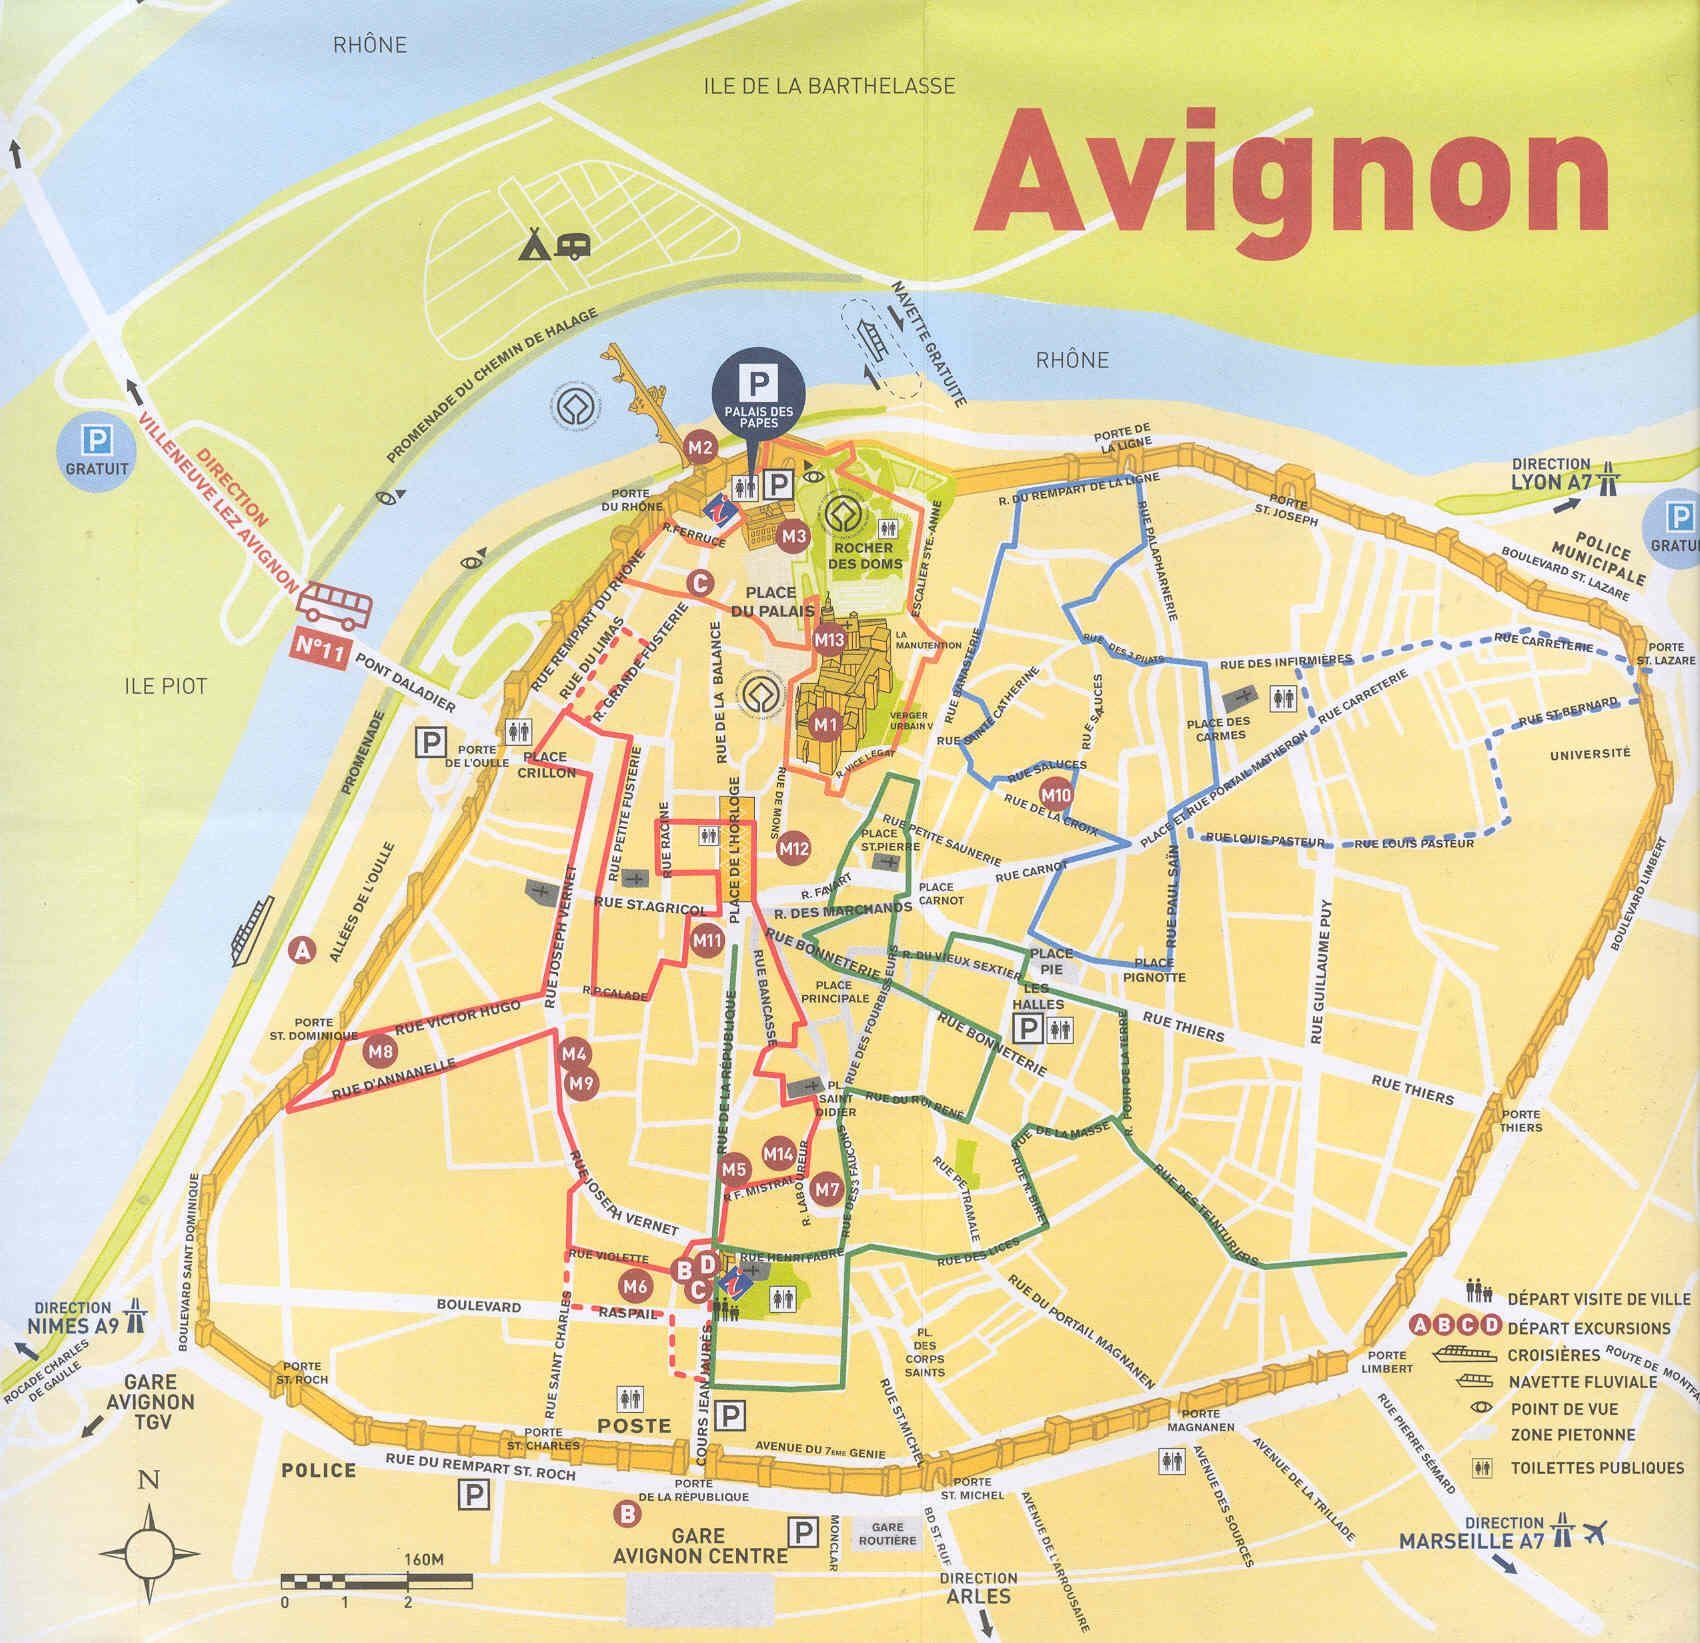 Avignon Tgv To City Center